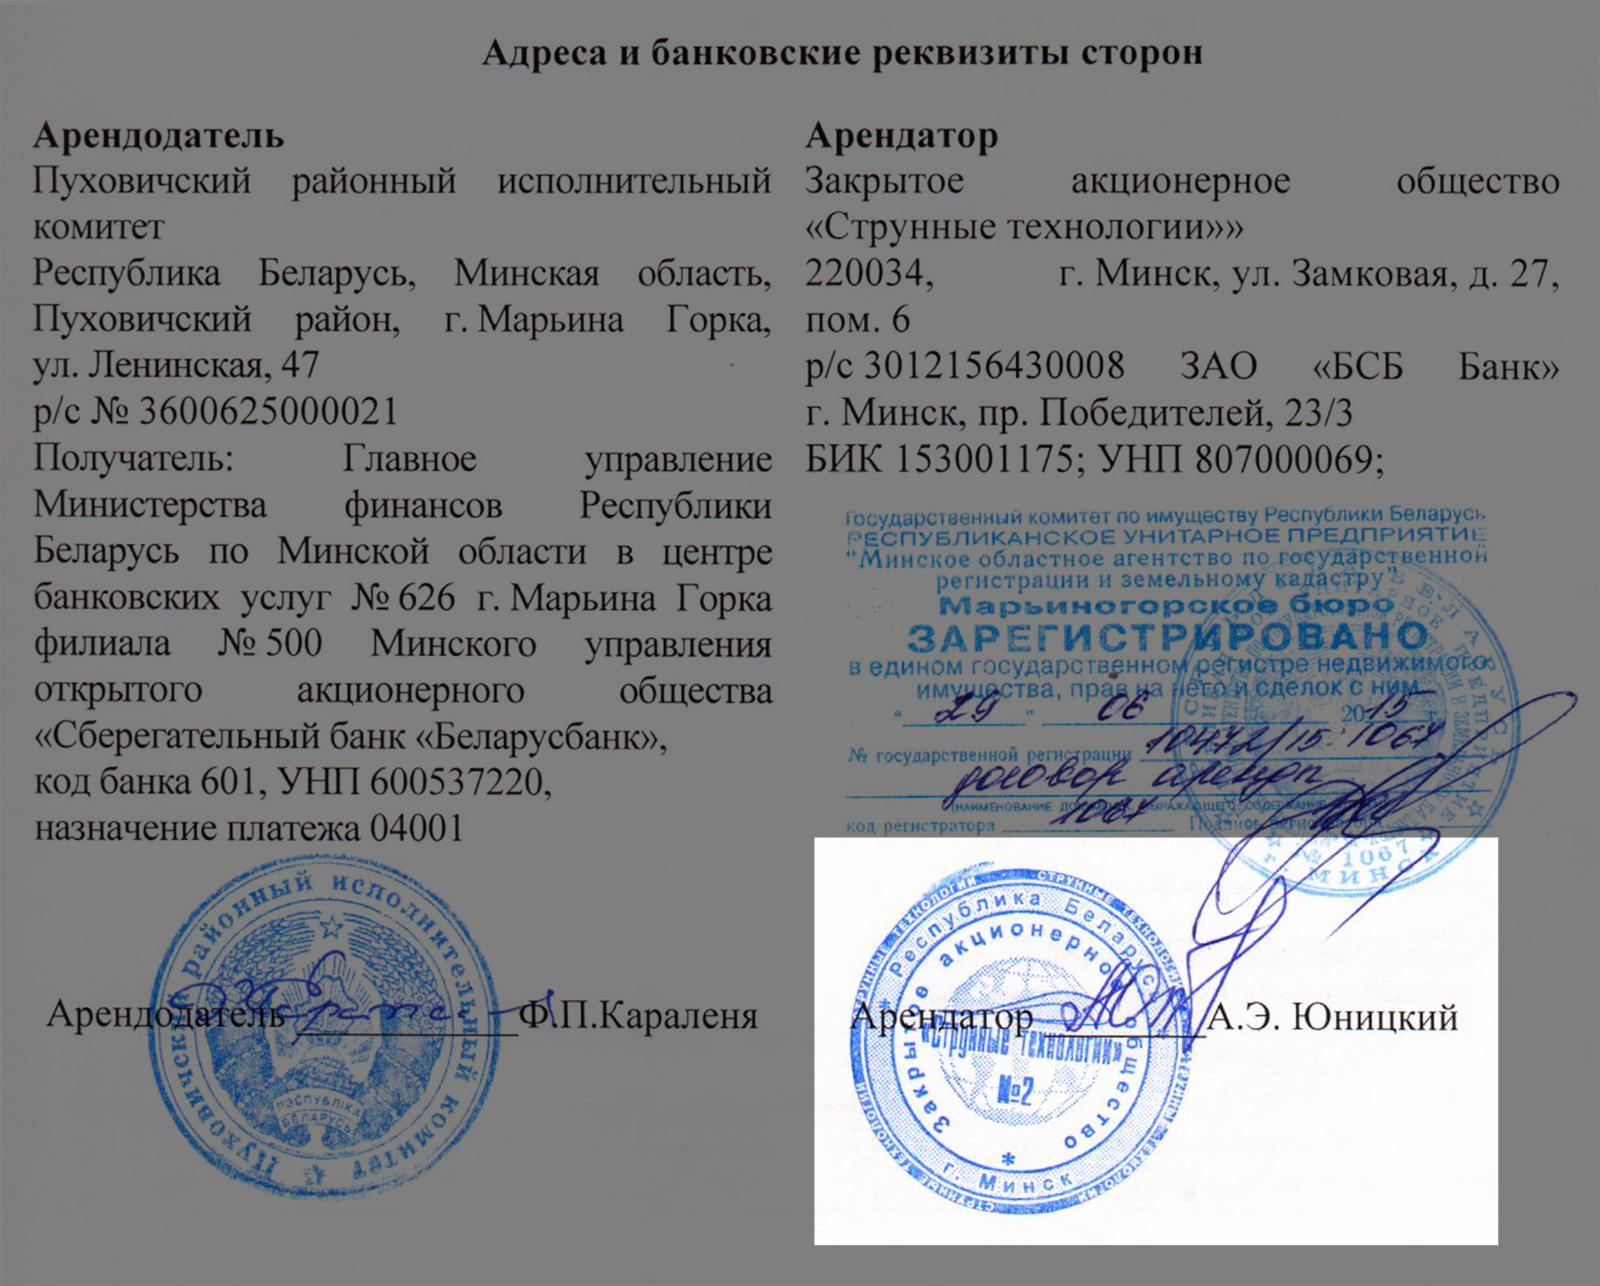 Если верить реестру by.kompass, гендир «Струнных технологий» — Надежда Косарева. Но документы за компанию почему-то подписывает Юницкий